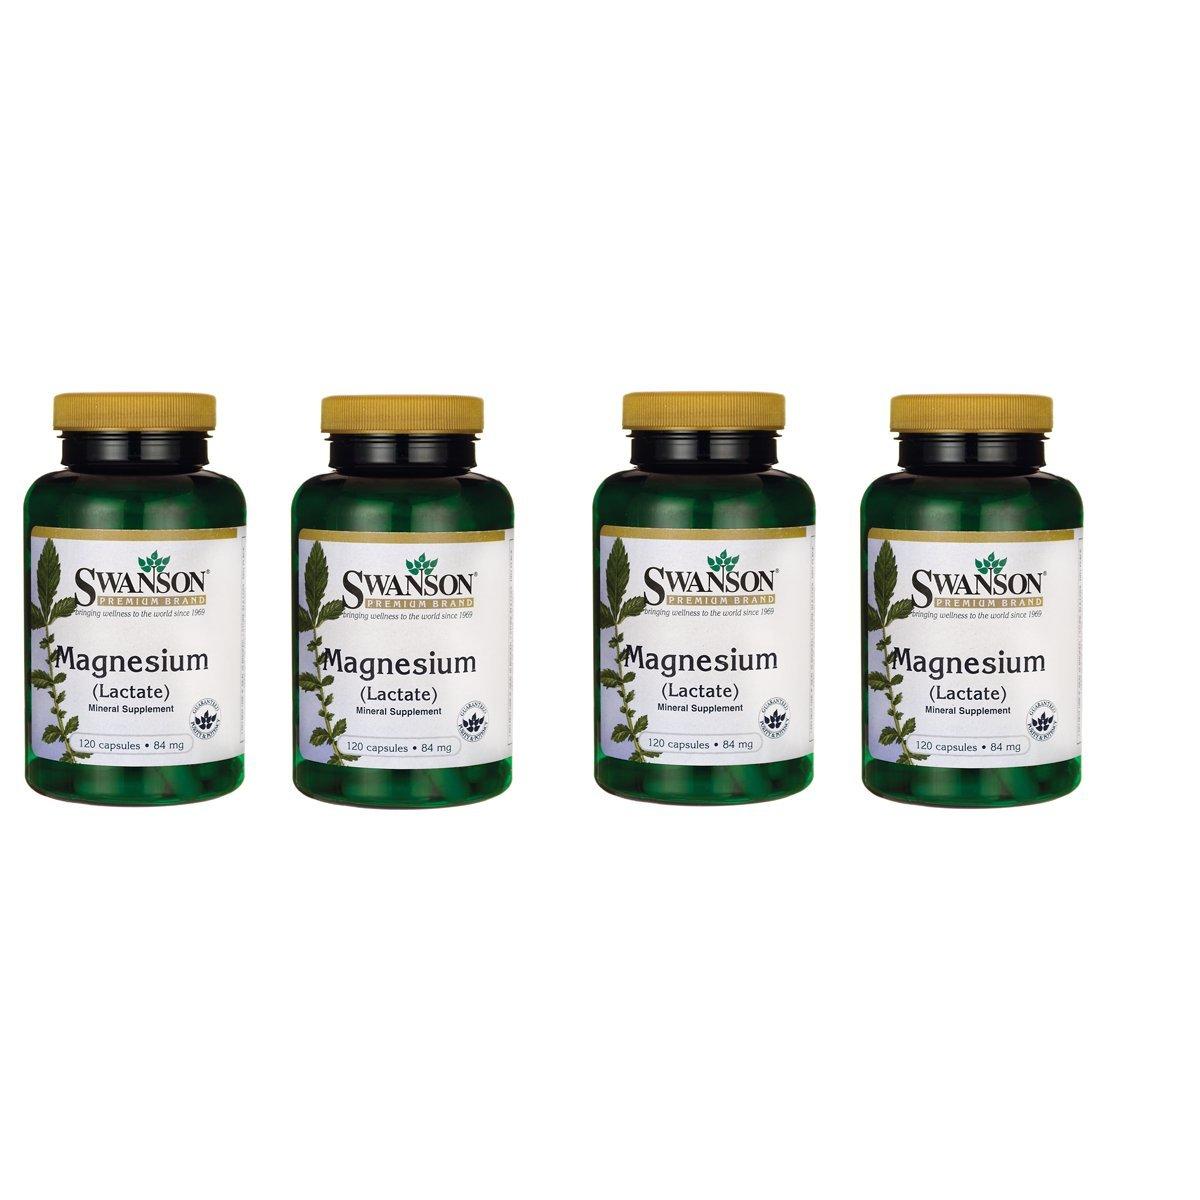 Swanson Magnesium (Lactate) 84 Milligrams 120 Capsules 4 Pack